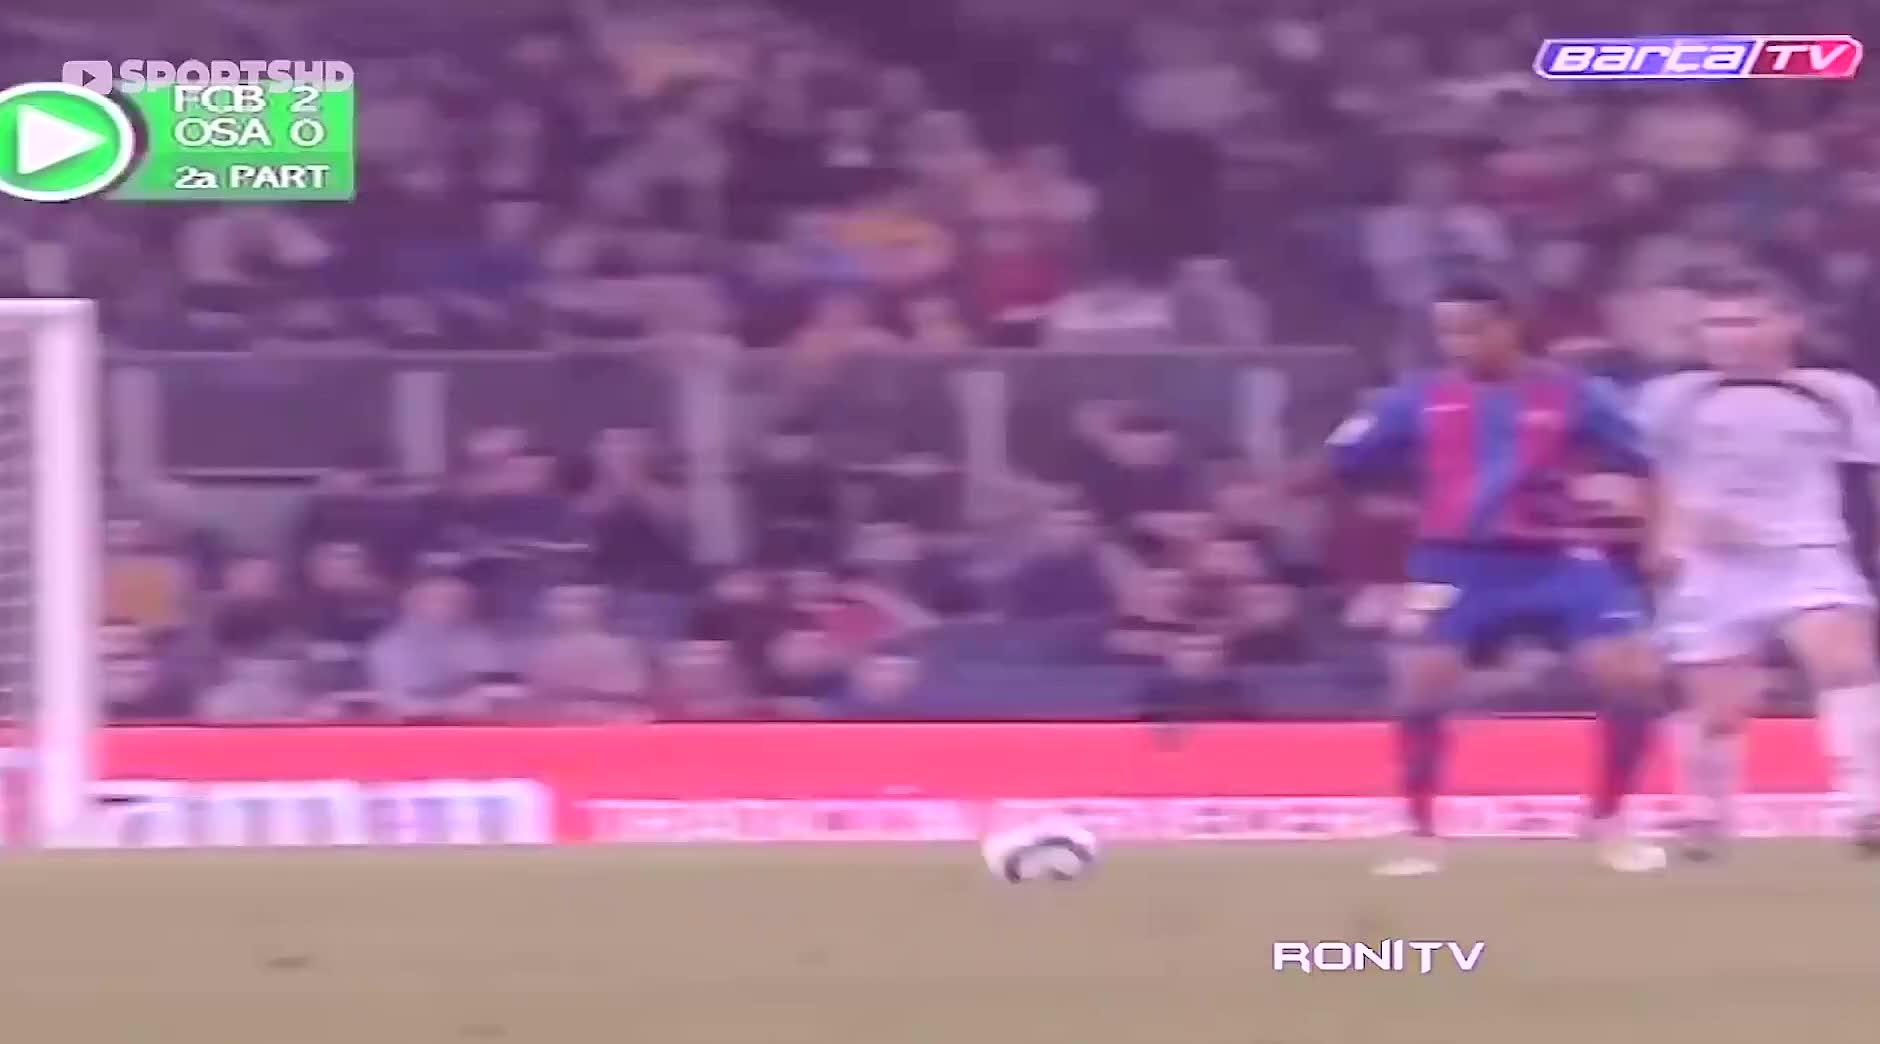 疯狂还是天才?盘点足坛中罕见的足球技巧,超乎你的想象力